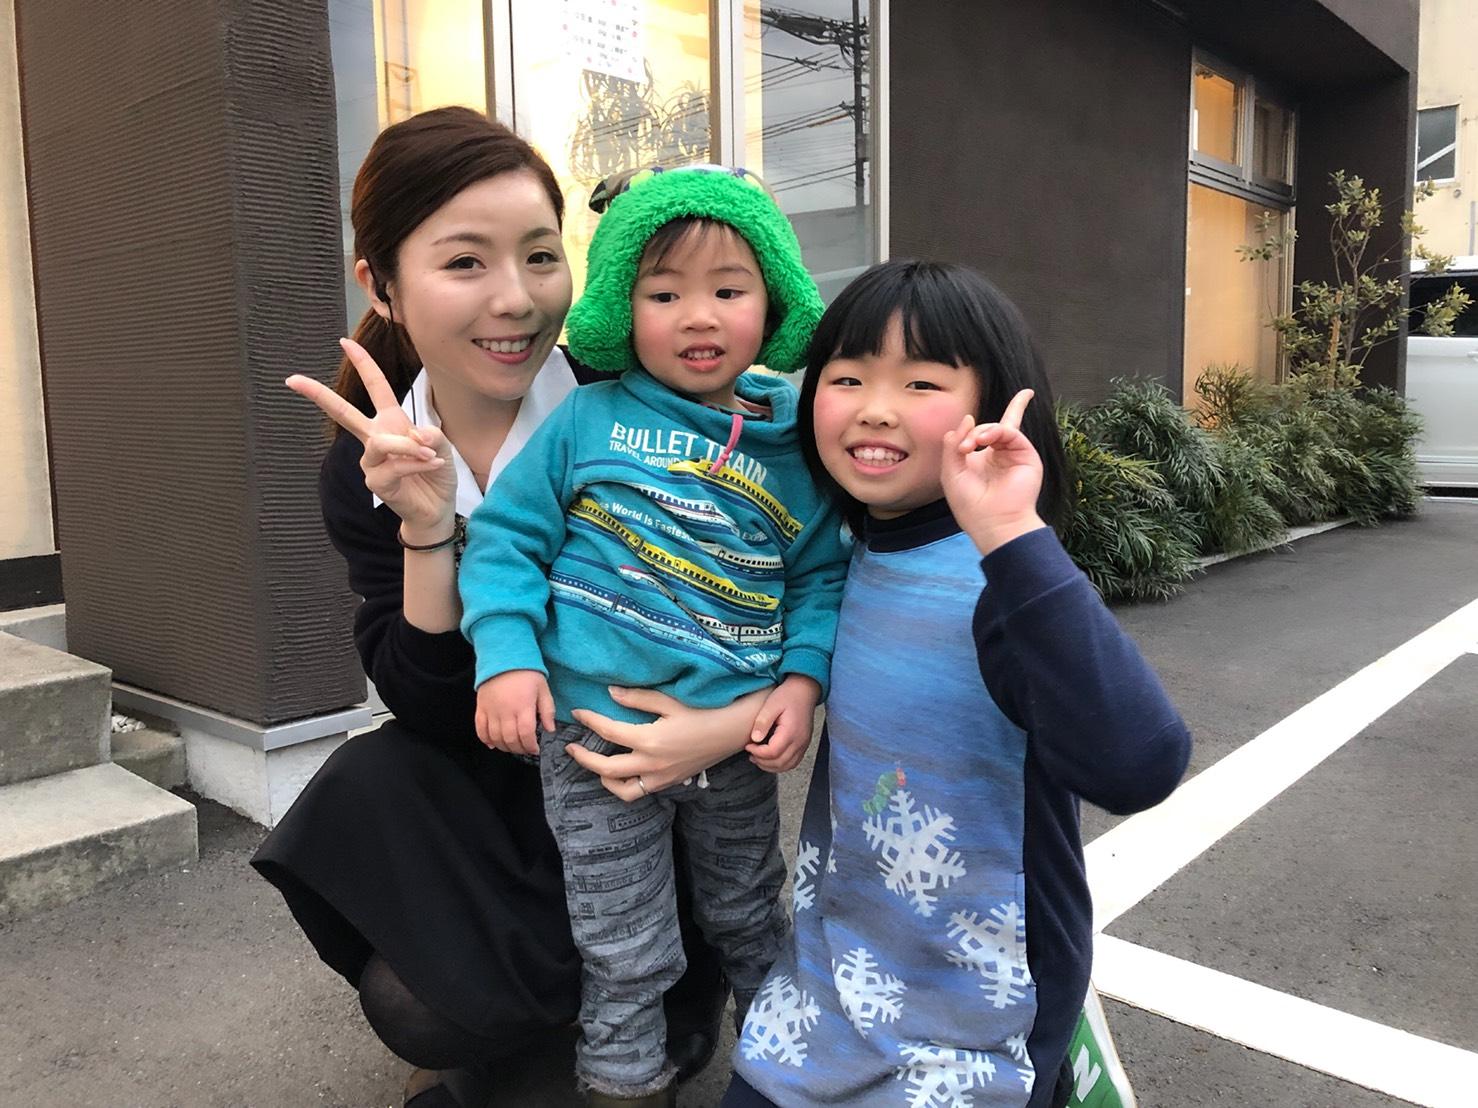 可愛い姉弟と一緒に☆のイメージ